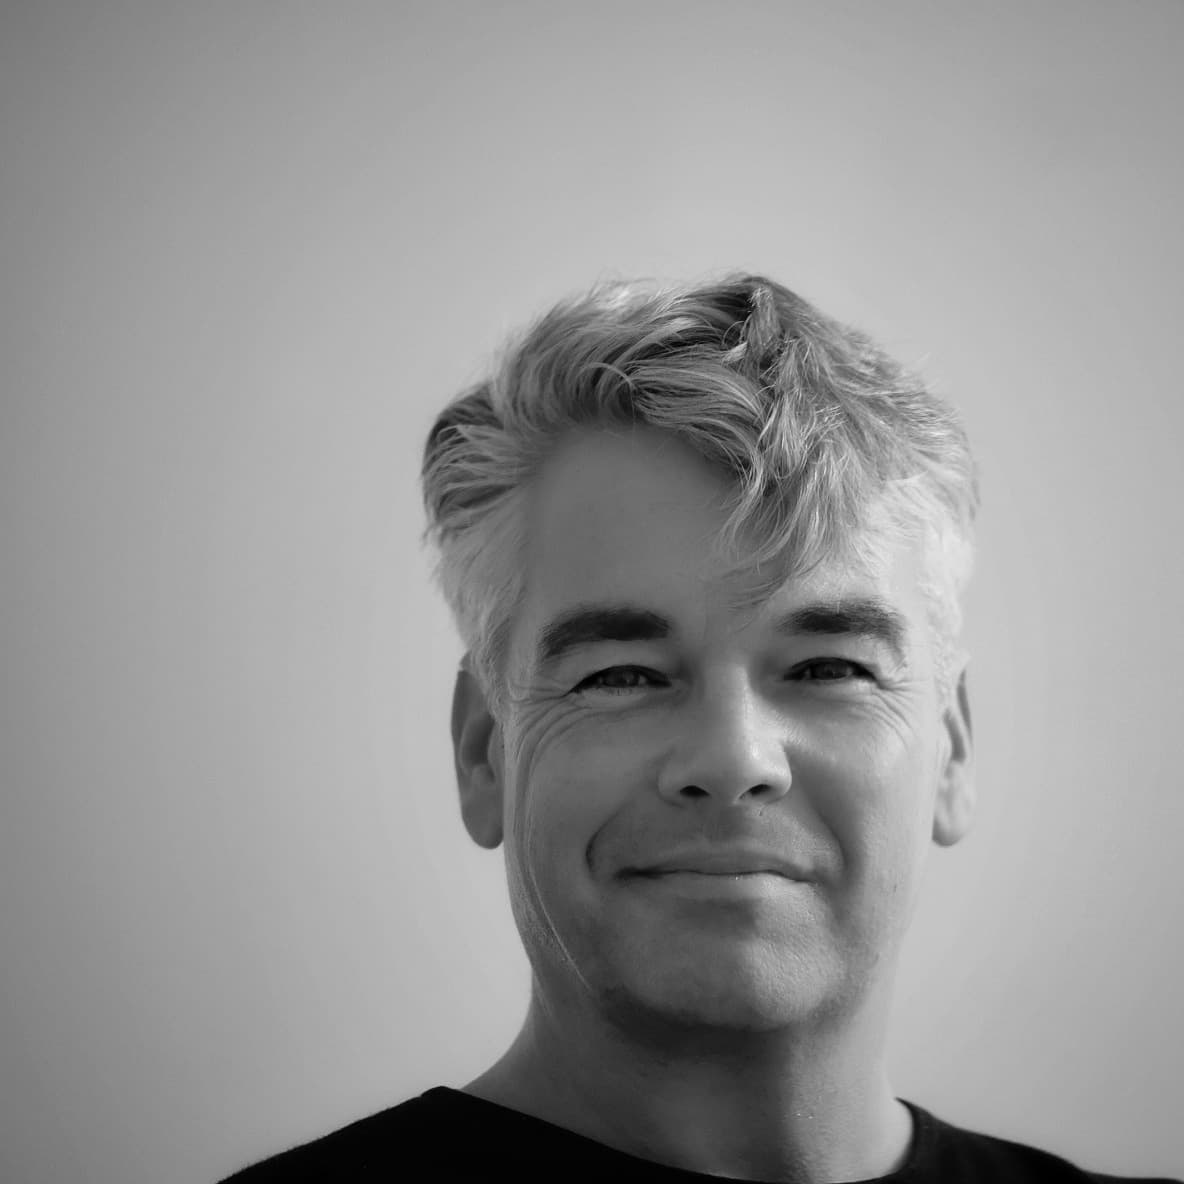 headshot profile - Dave Dawson